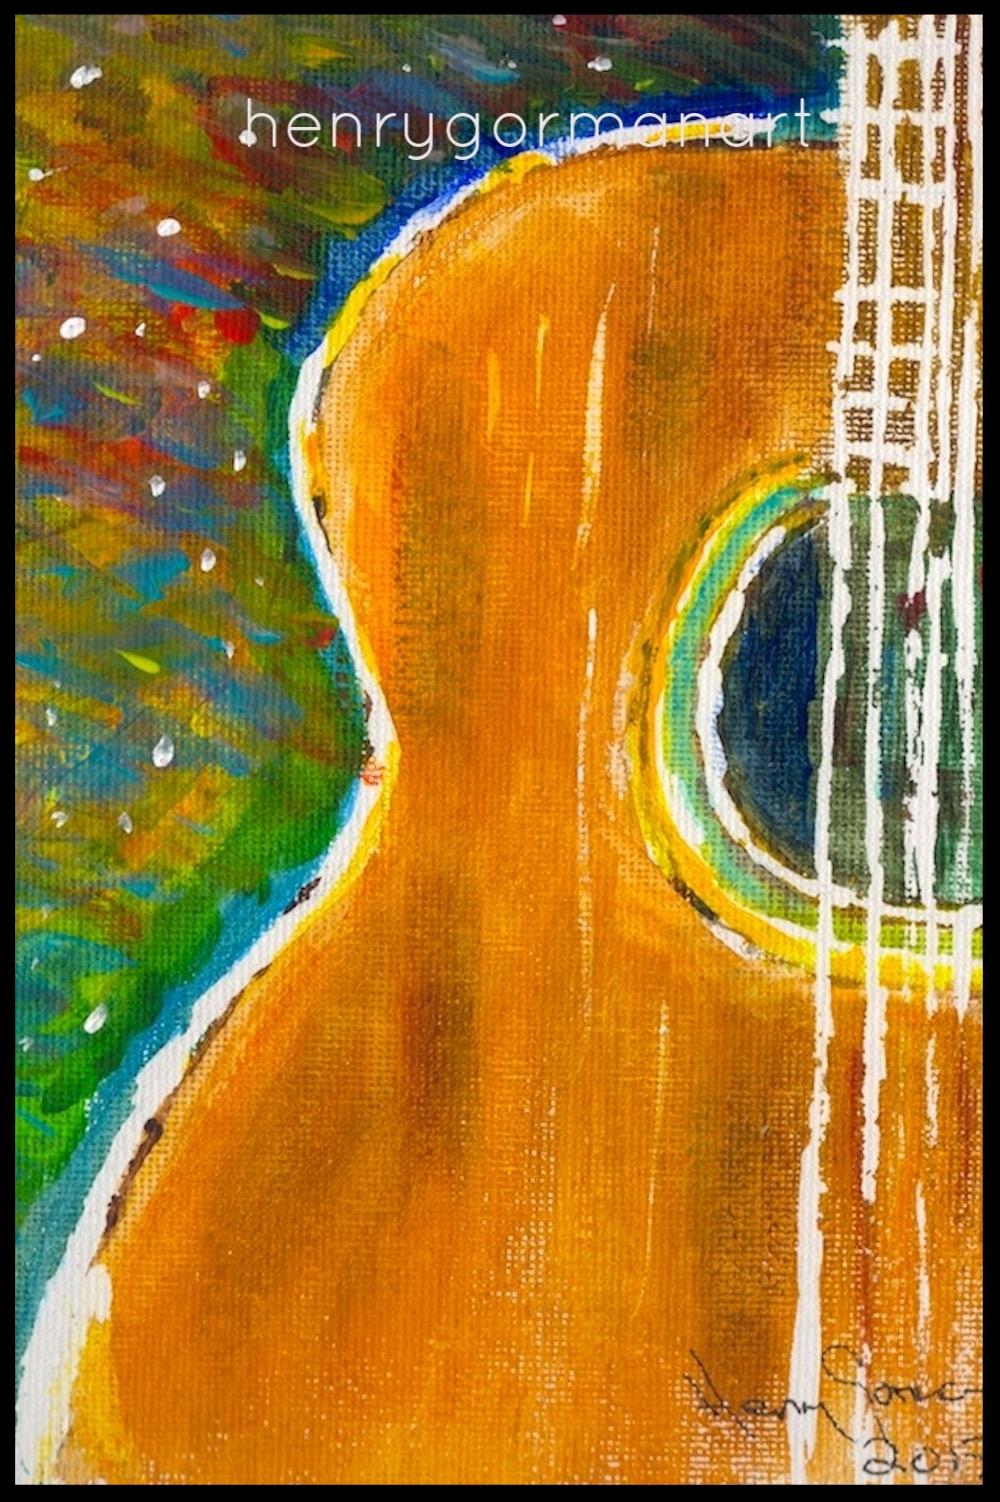 'Wee guitar'